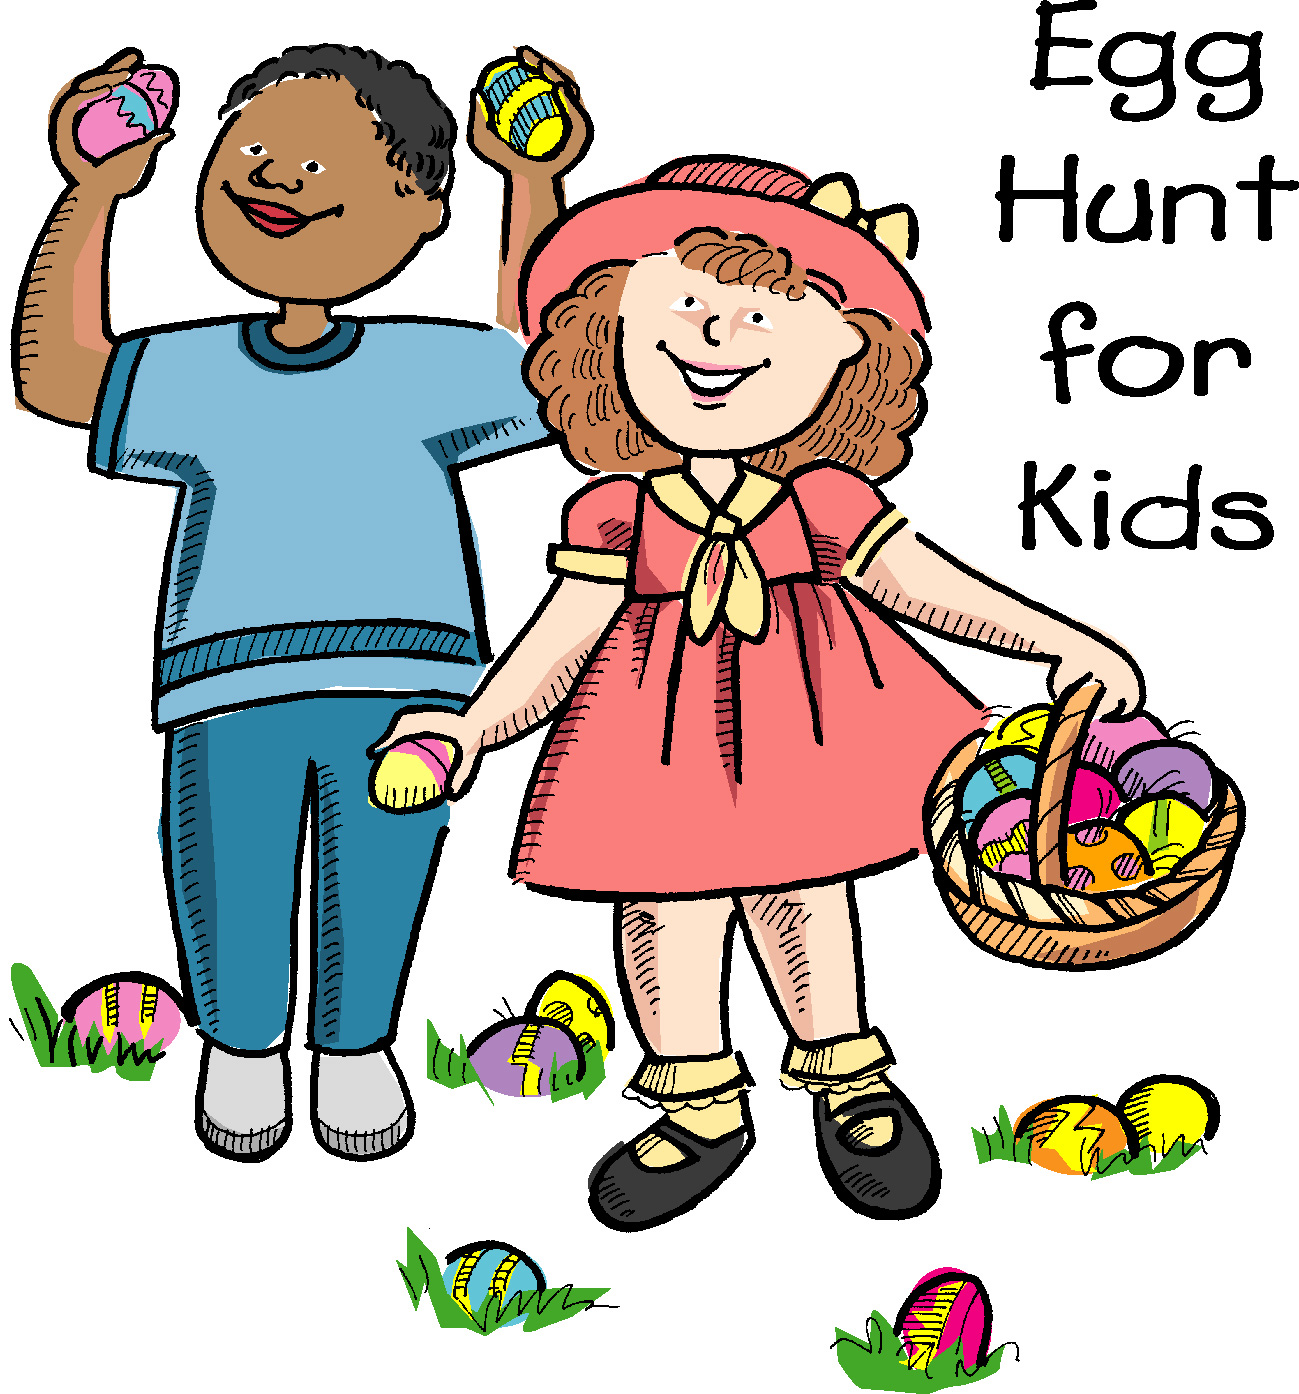 Easter Egg Hunt Lemoore